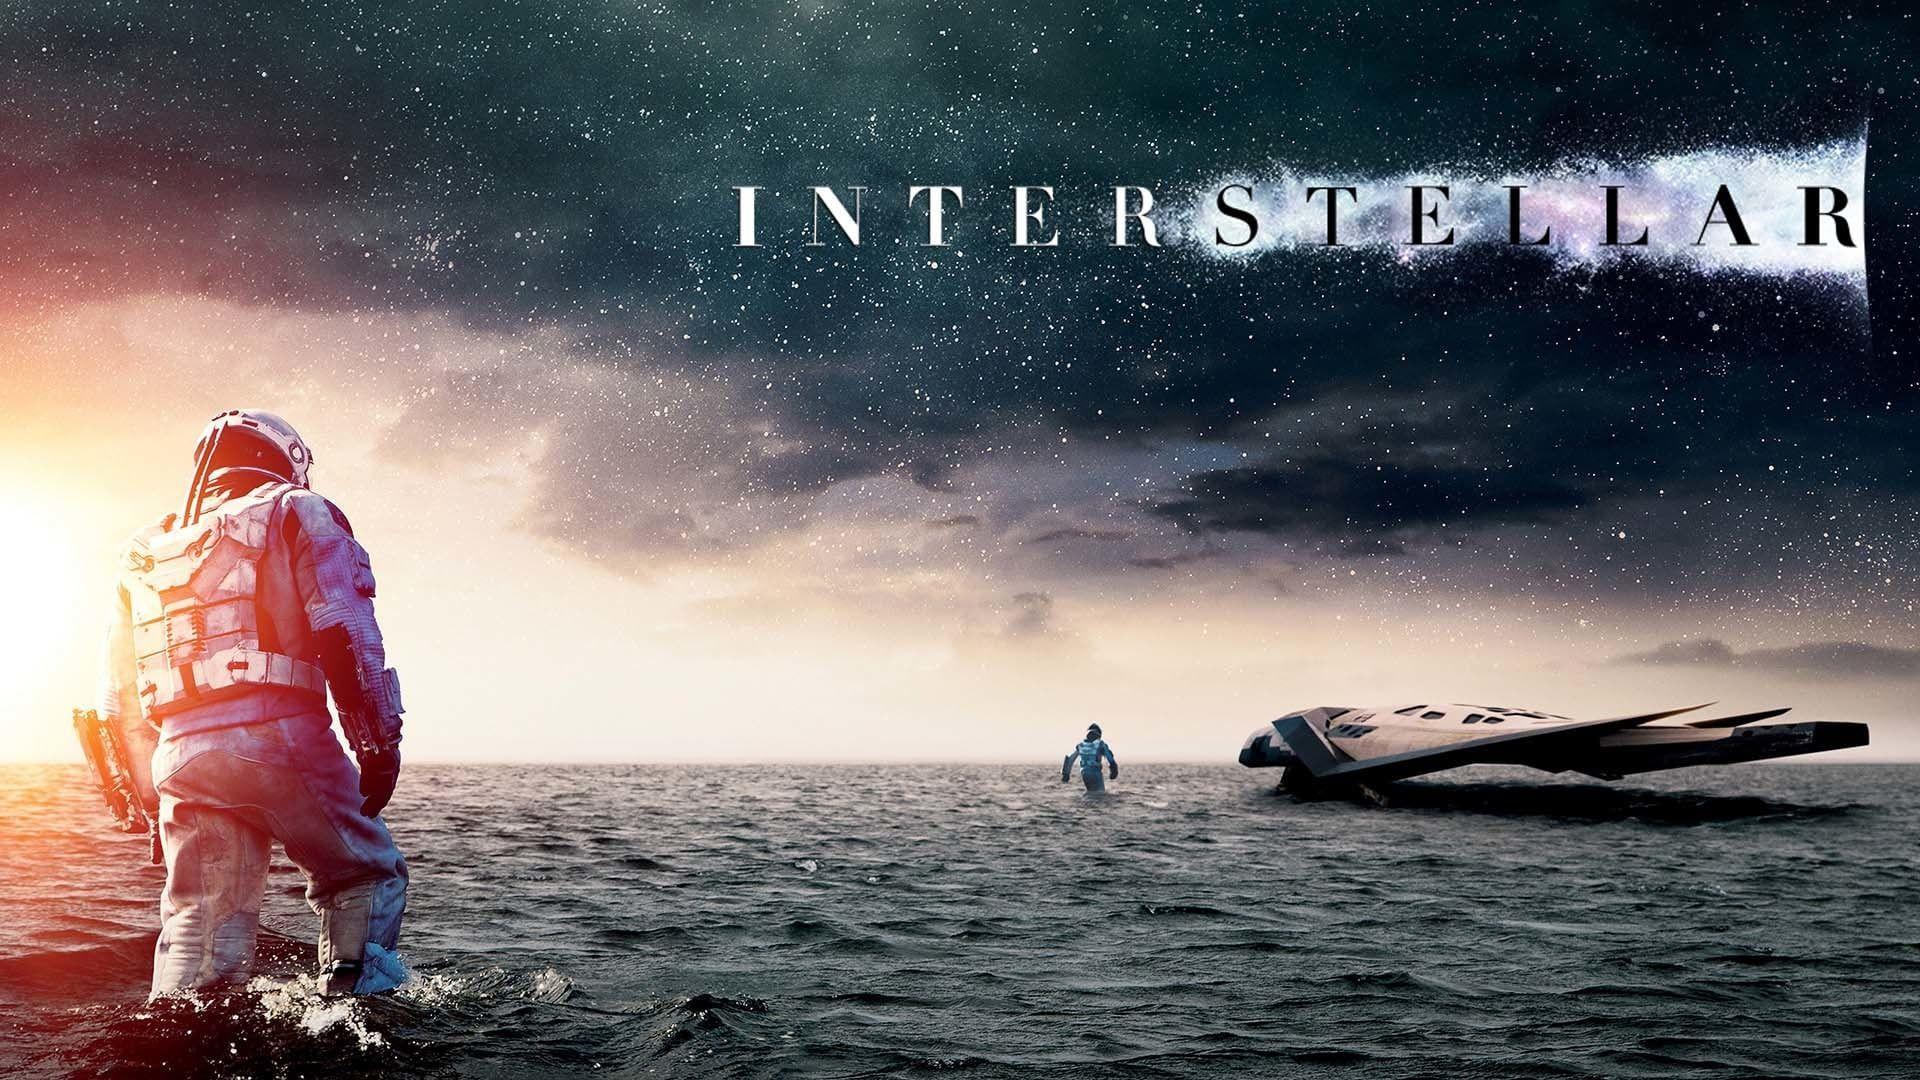 Interstellar 2014 Streaming Ita Cb01 Film Completo Cinema Guarda Interstellar Italiano 2014 Film Streaming Altadefinizione Interstellar Film Cinema